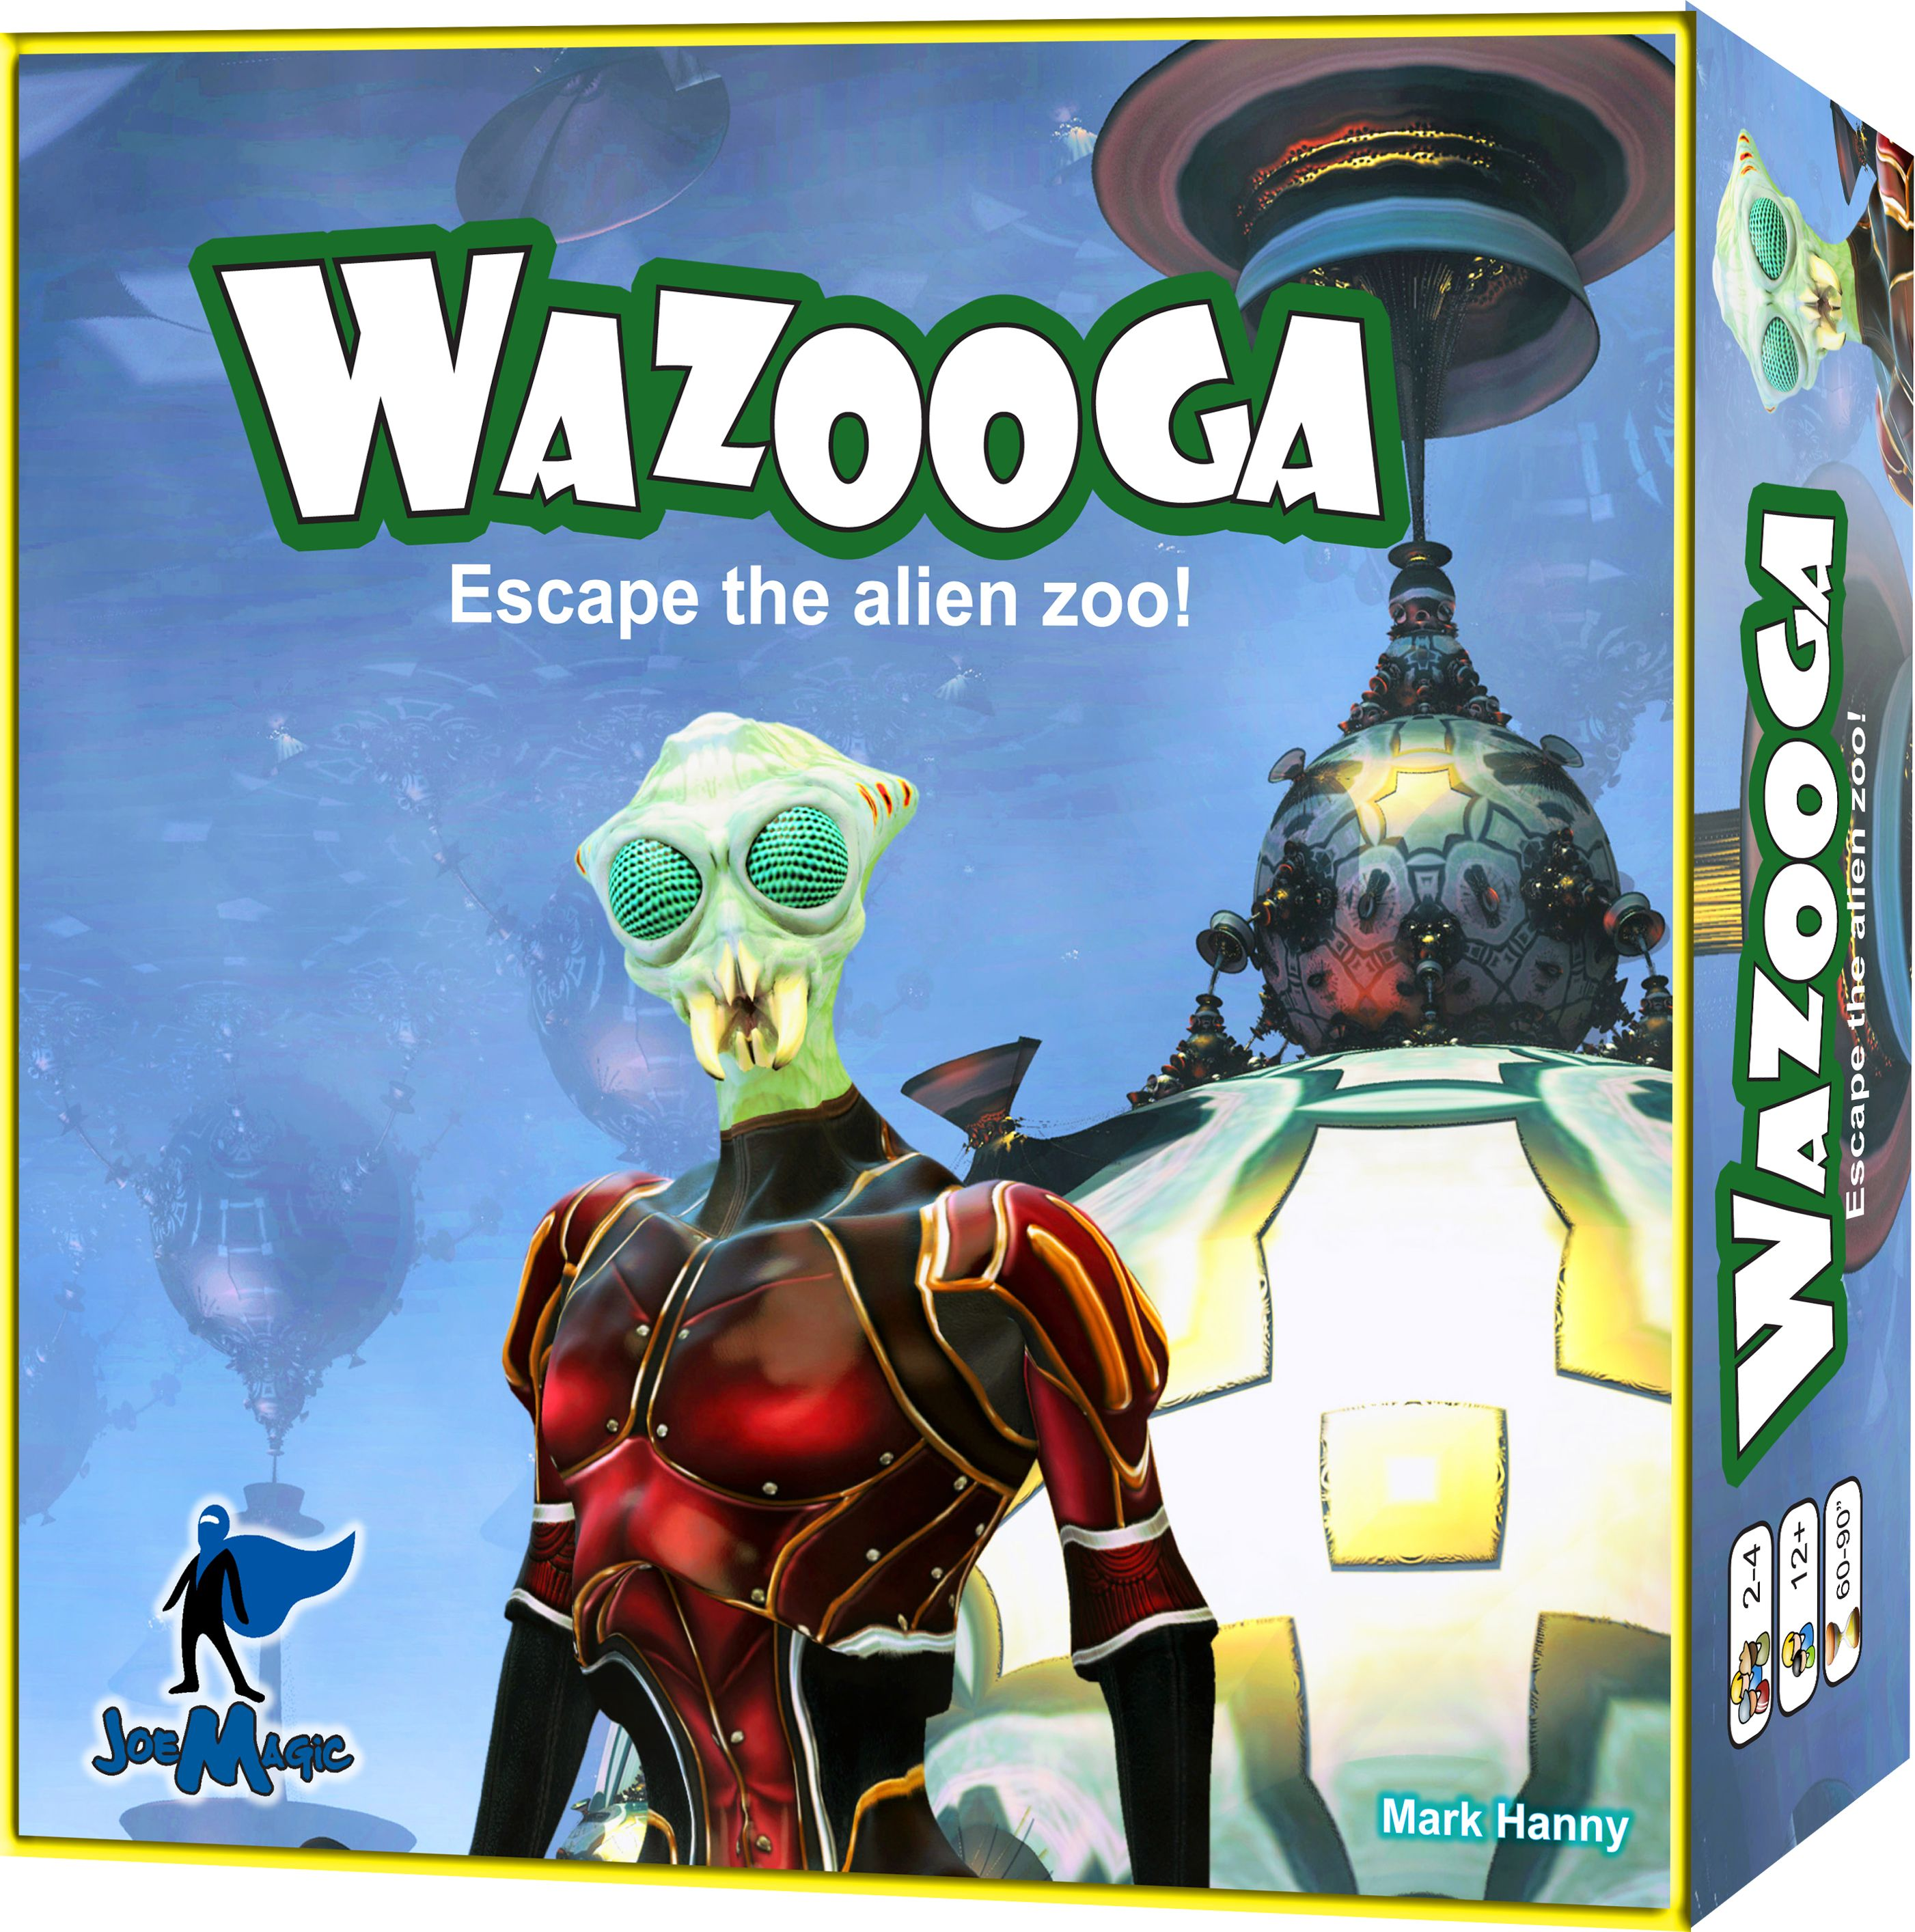 Wazooga